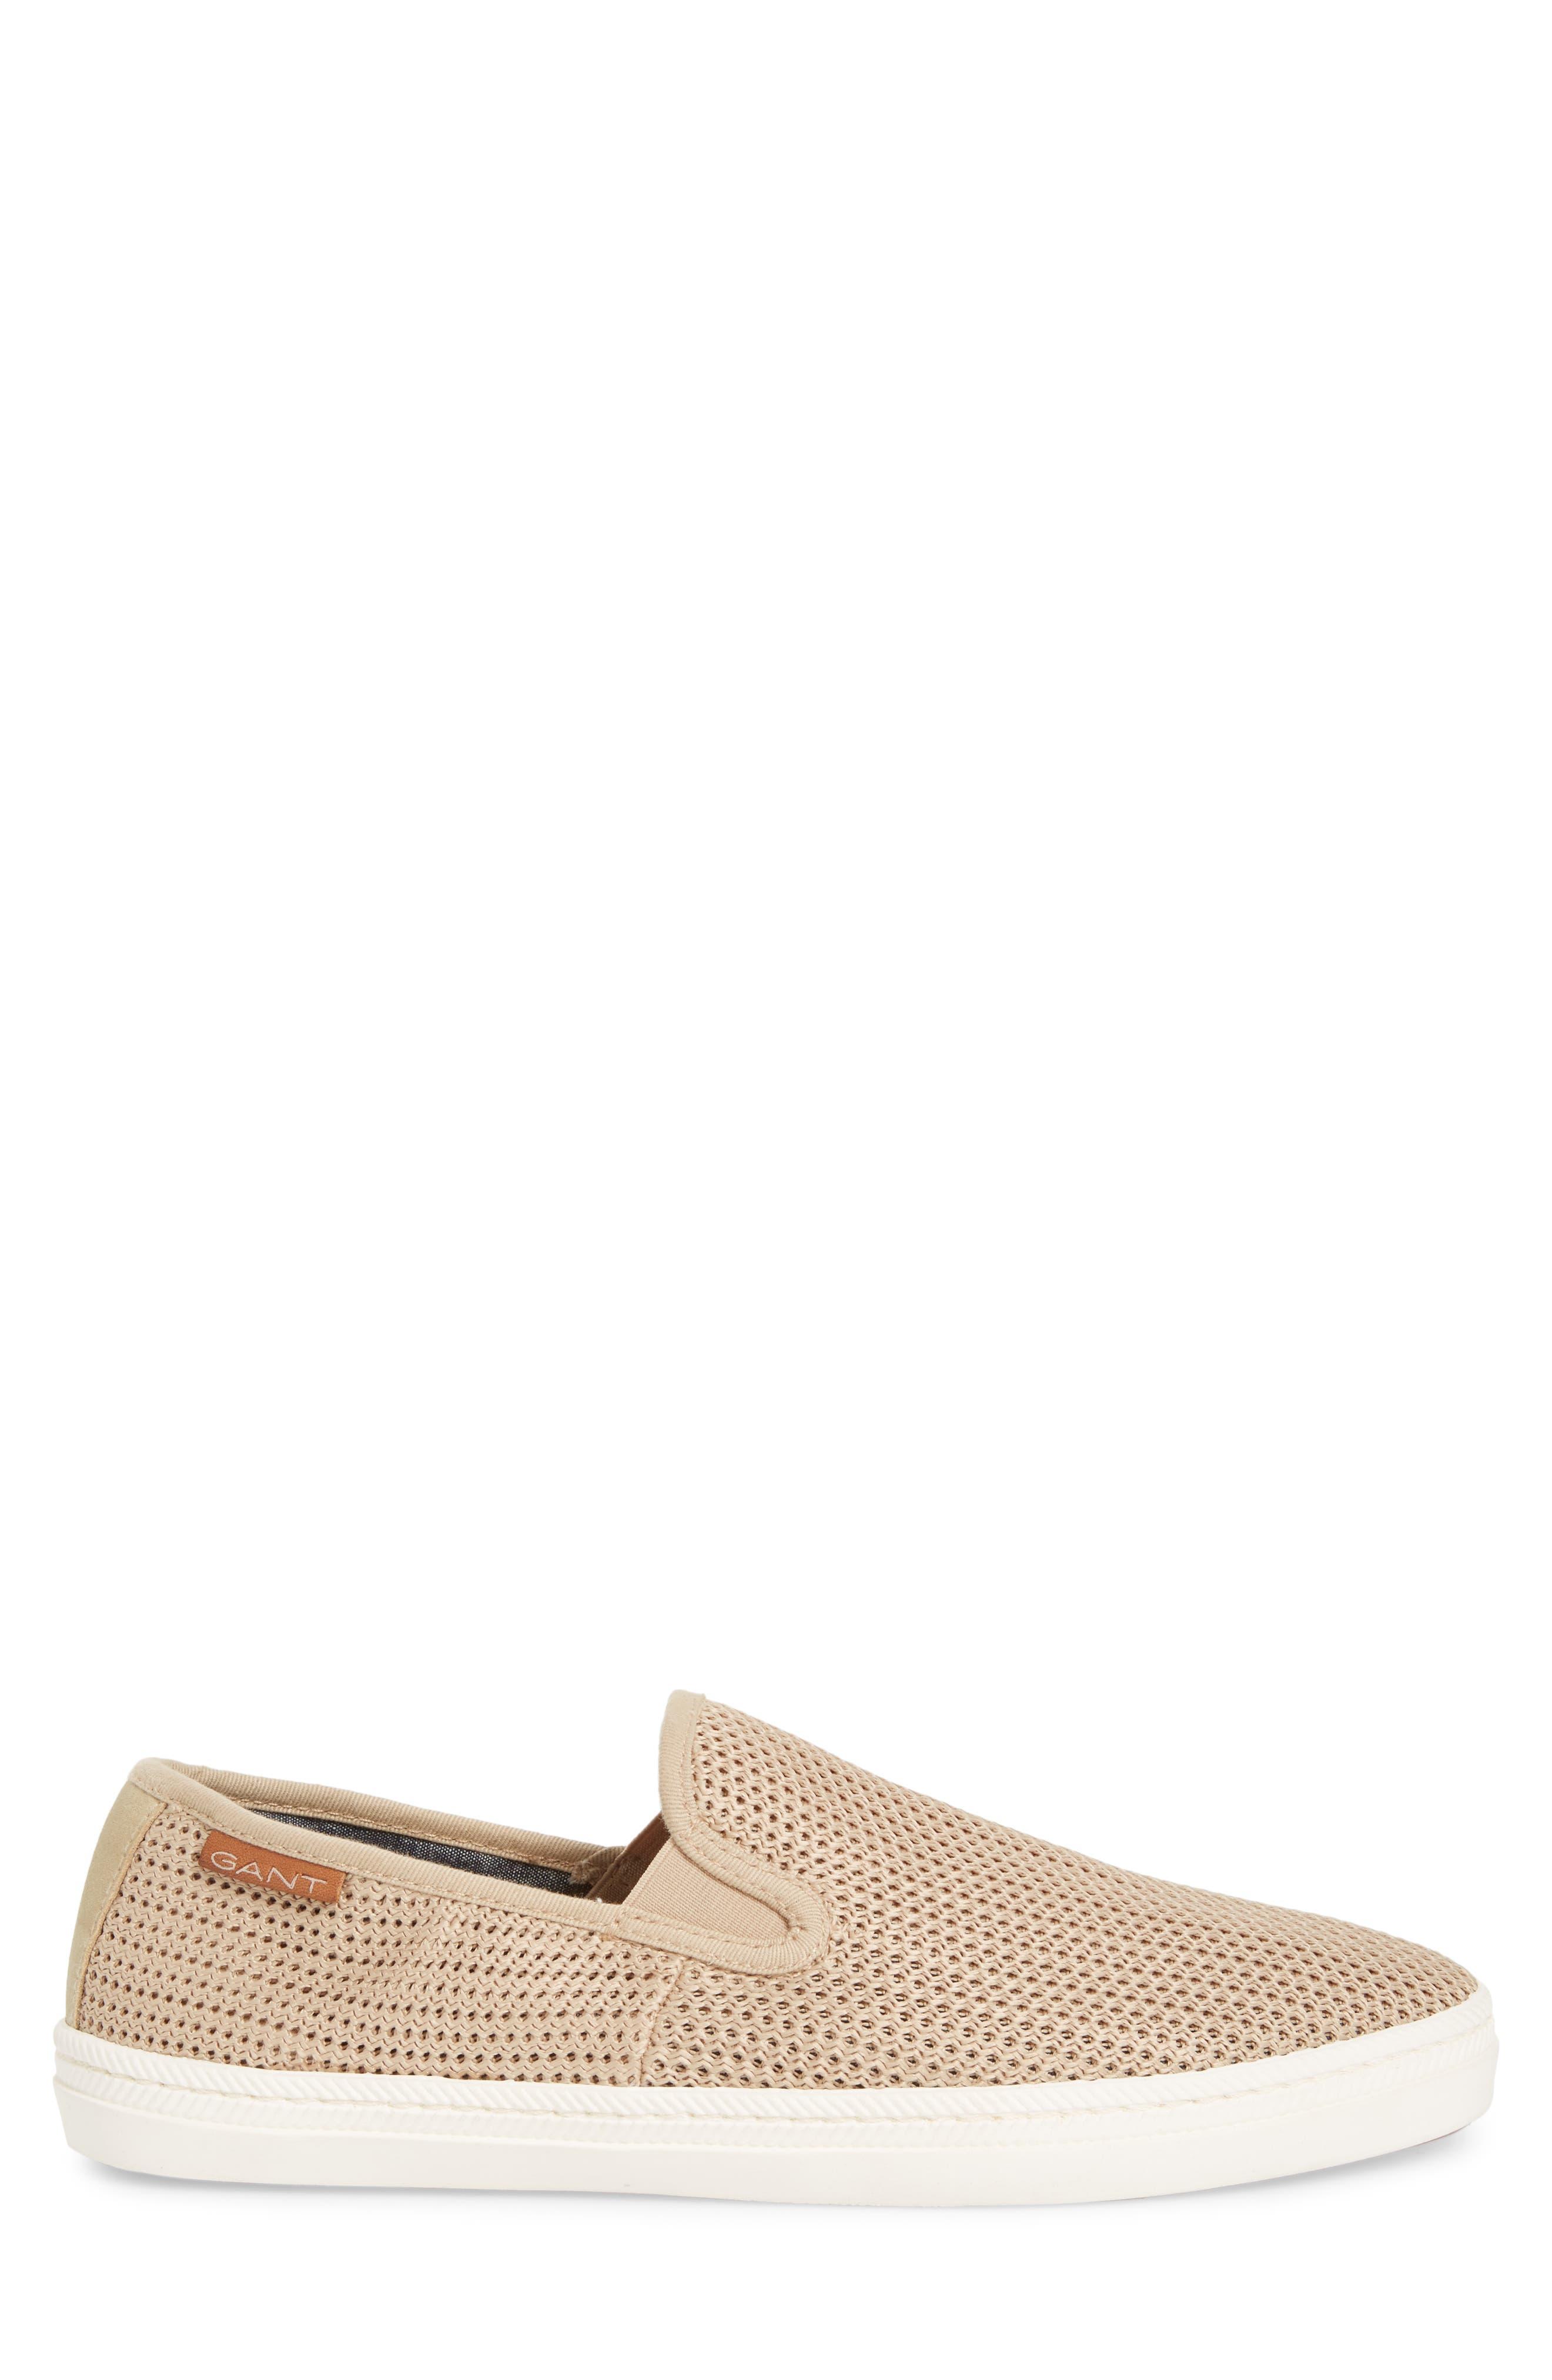 Viktor Woven Slip-On Sneaker,                             Alternate thumbnail 3, color,                             Dry Sand